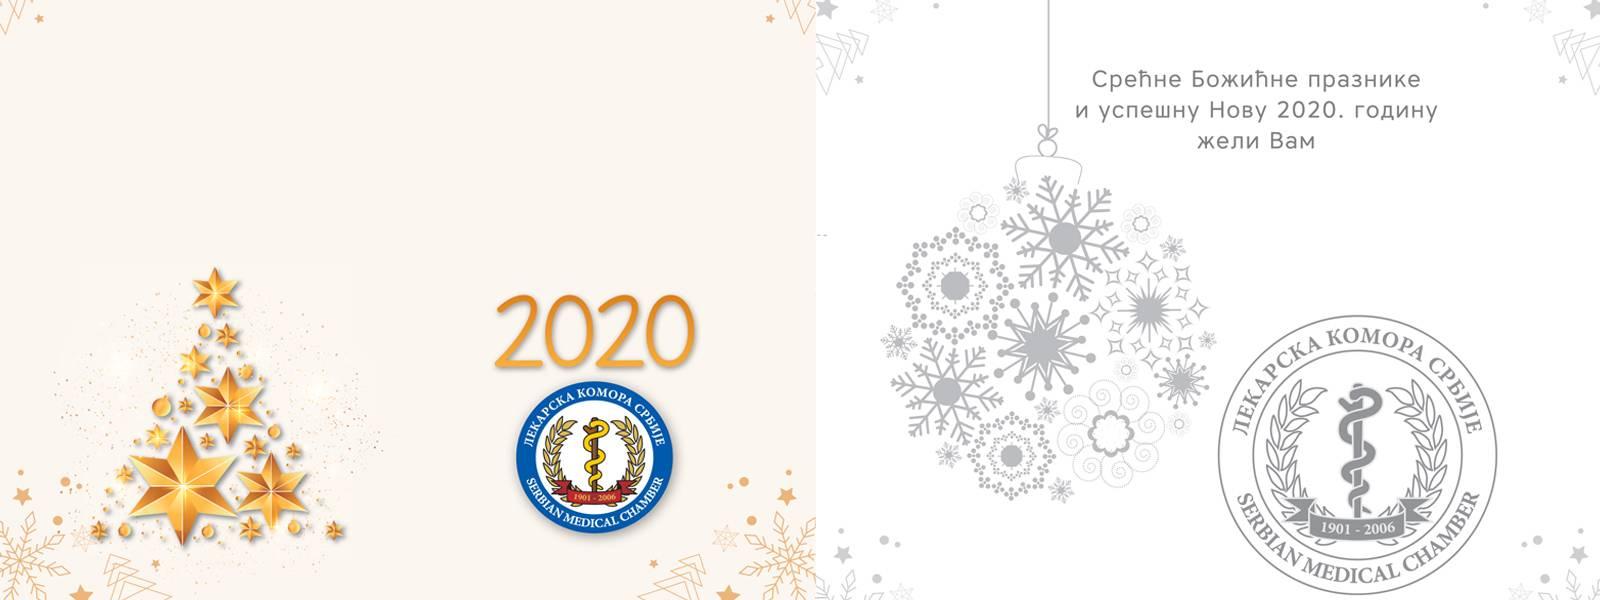 Srećnu Novu 2020. godinu i božićne praznike žele Vam